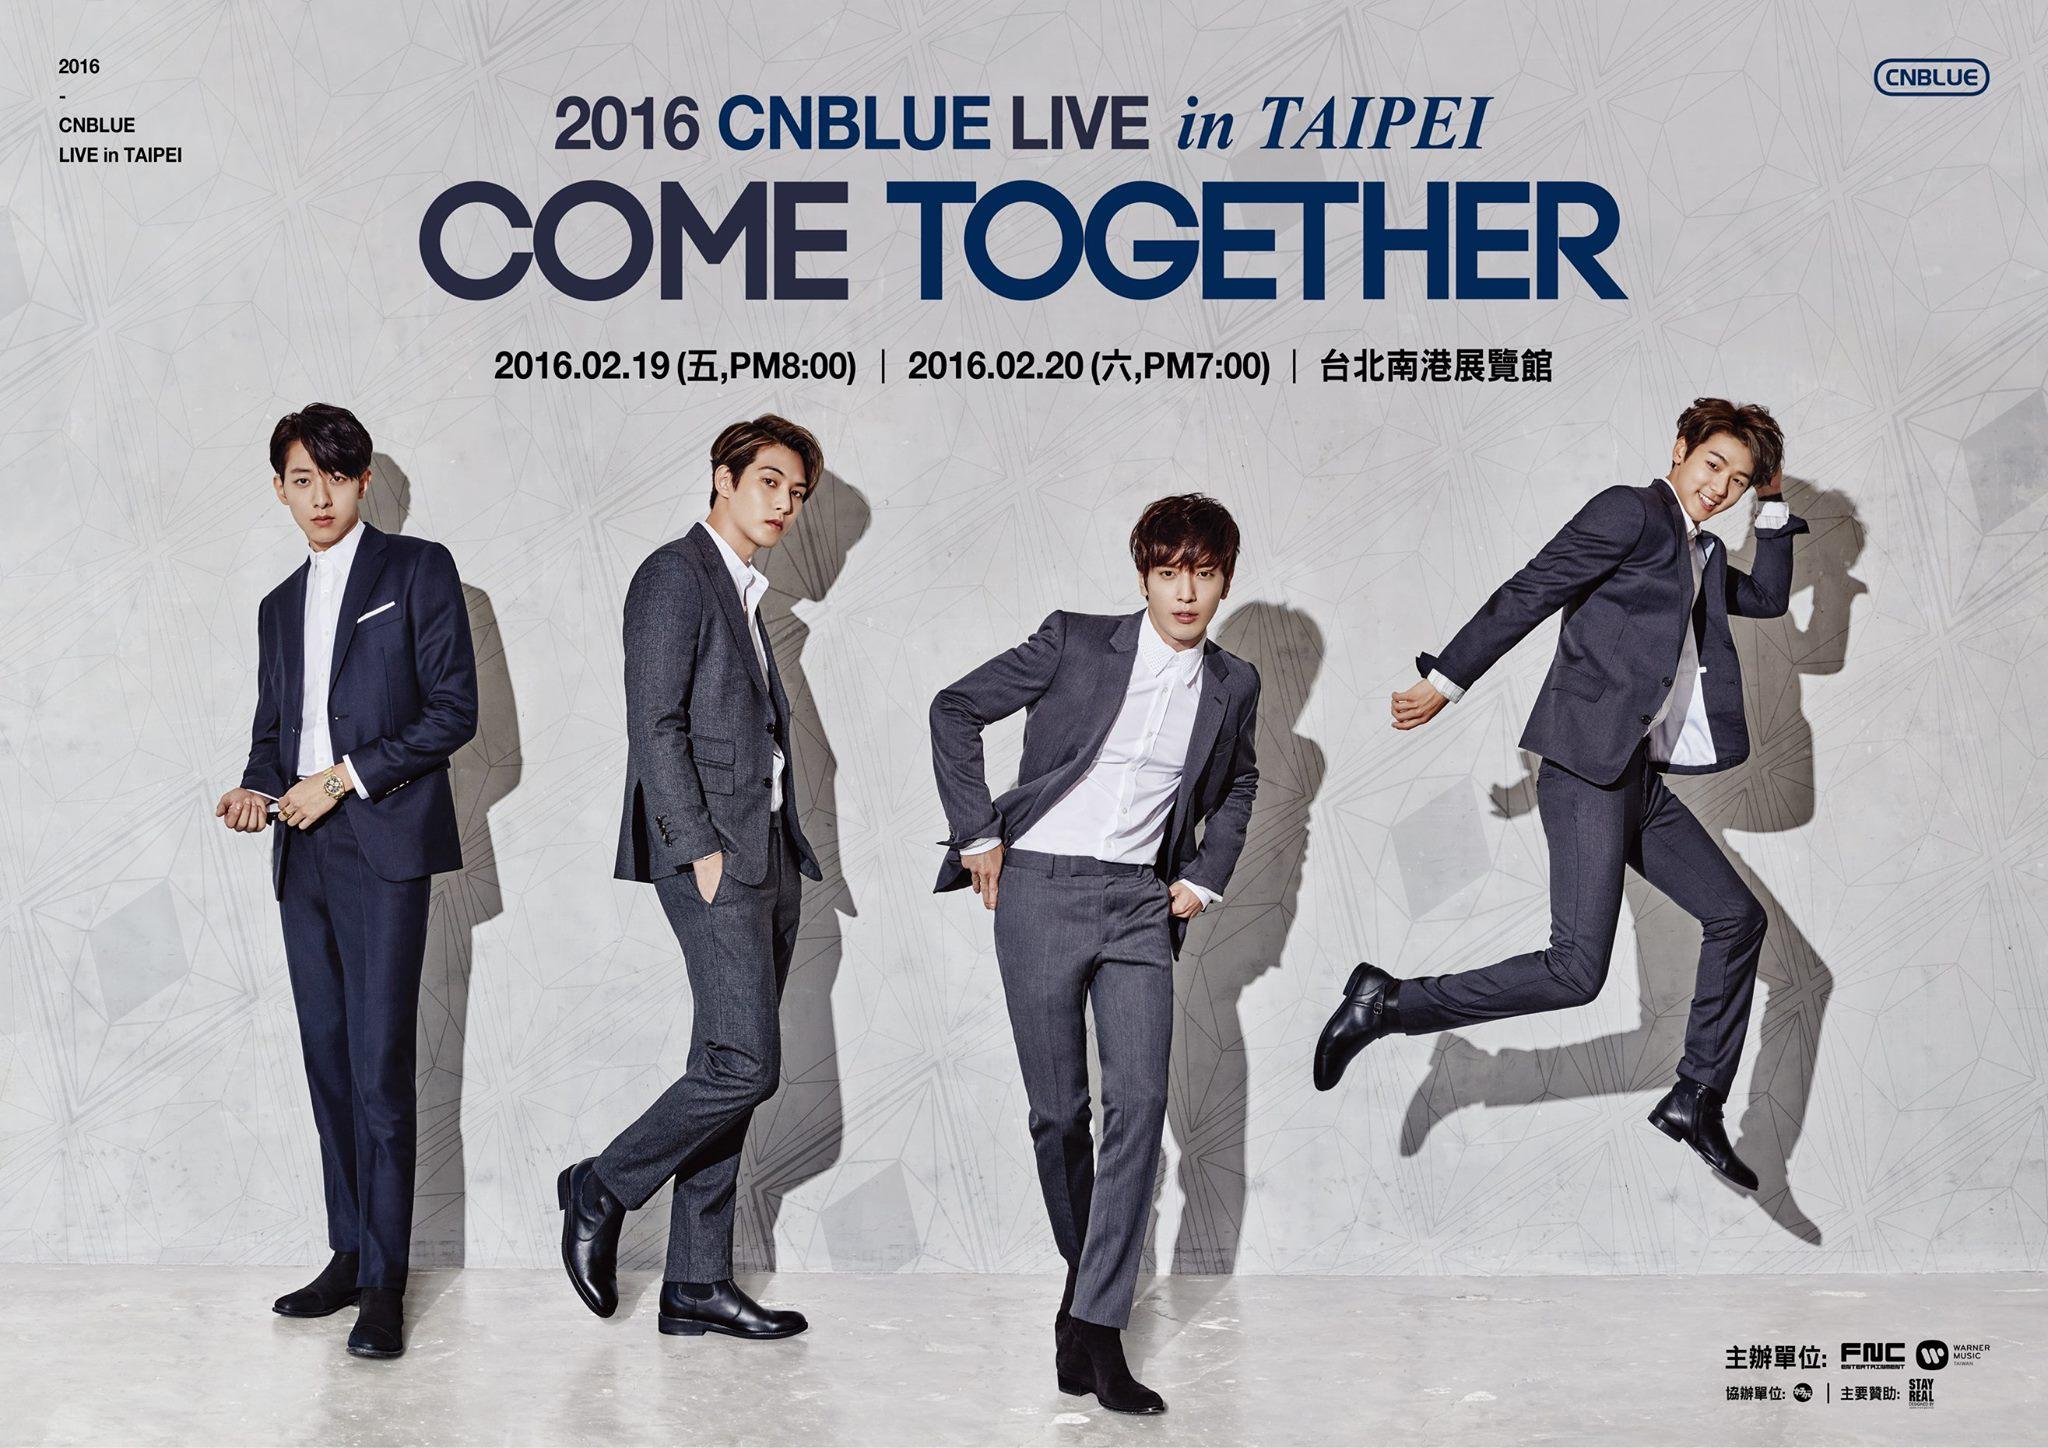 說到演唱會!Super Junior前腳剛走,接著就換CNBLUE來台開唱啦!他們與粉絲有如牛郎與織女一般,每年一訪台灣,這次見不到可能又要等1年!還是乖乖掏出你的小朋友吧!